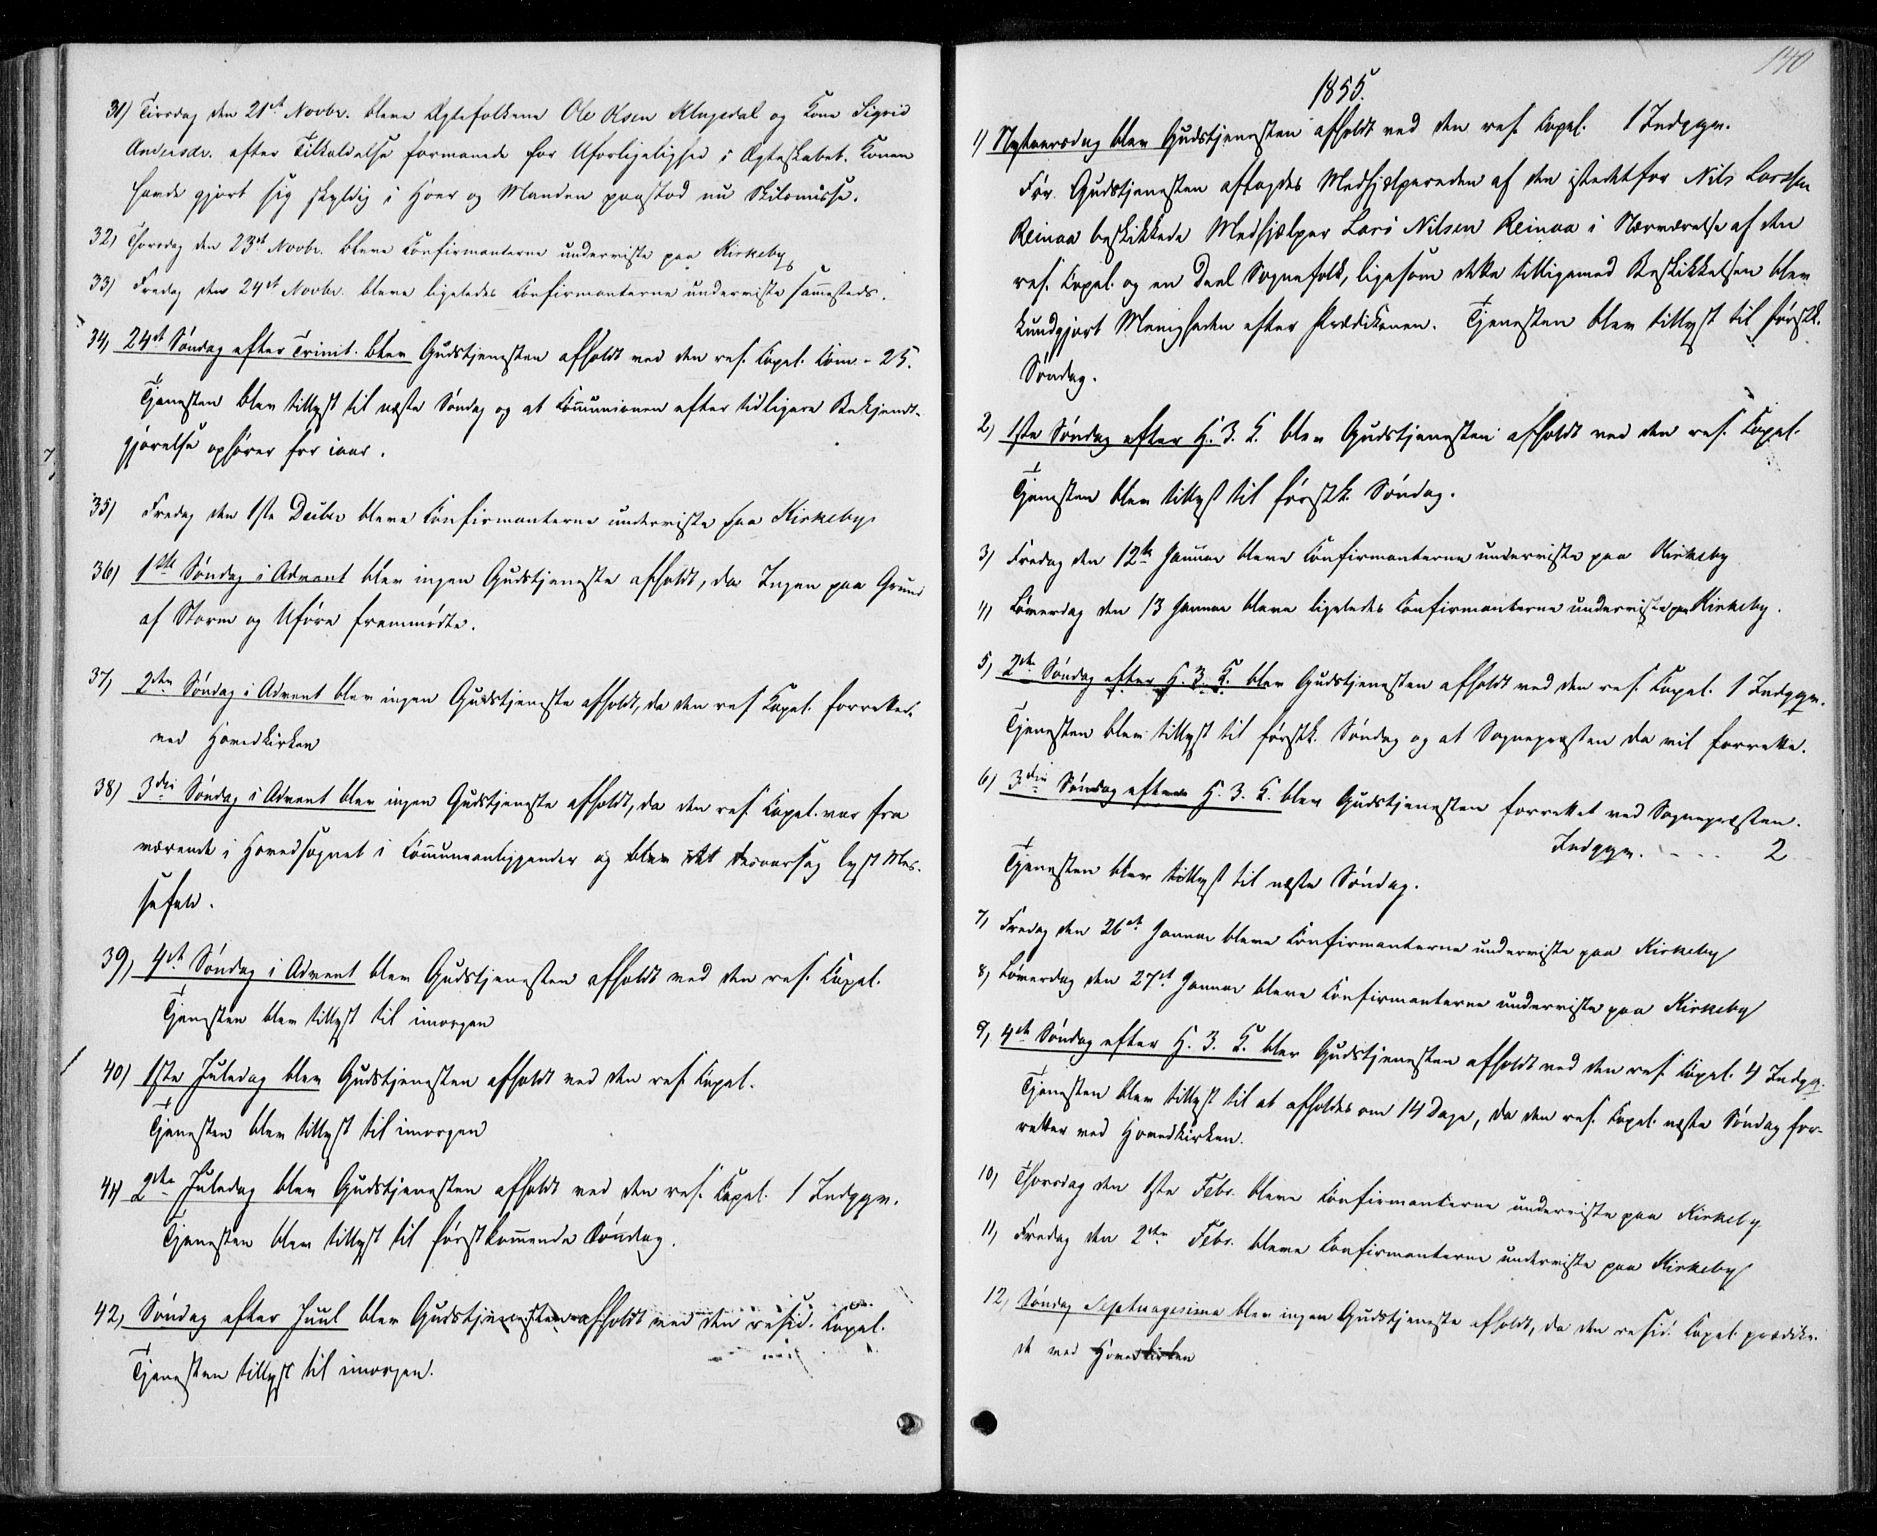 SAT, Ministerialprotokoller, klokkerbøker og fødselsregistre - Nord-Trøndelag, 706/L0040: Ministerialbok nr. 706A01, 1850-1861, s. 140